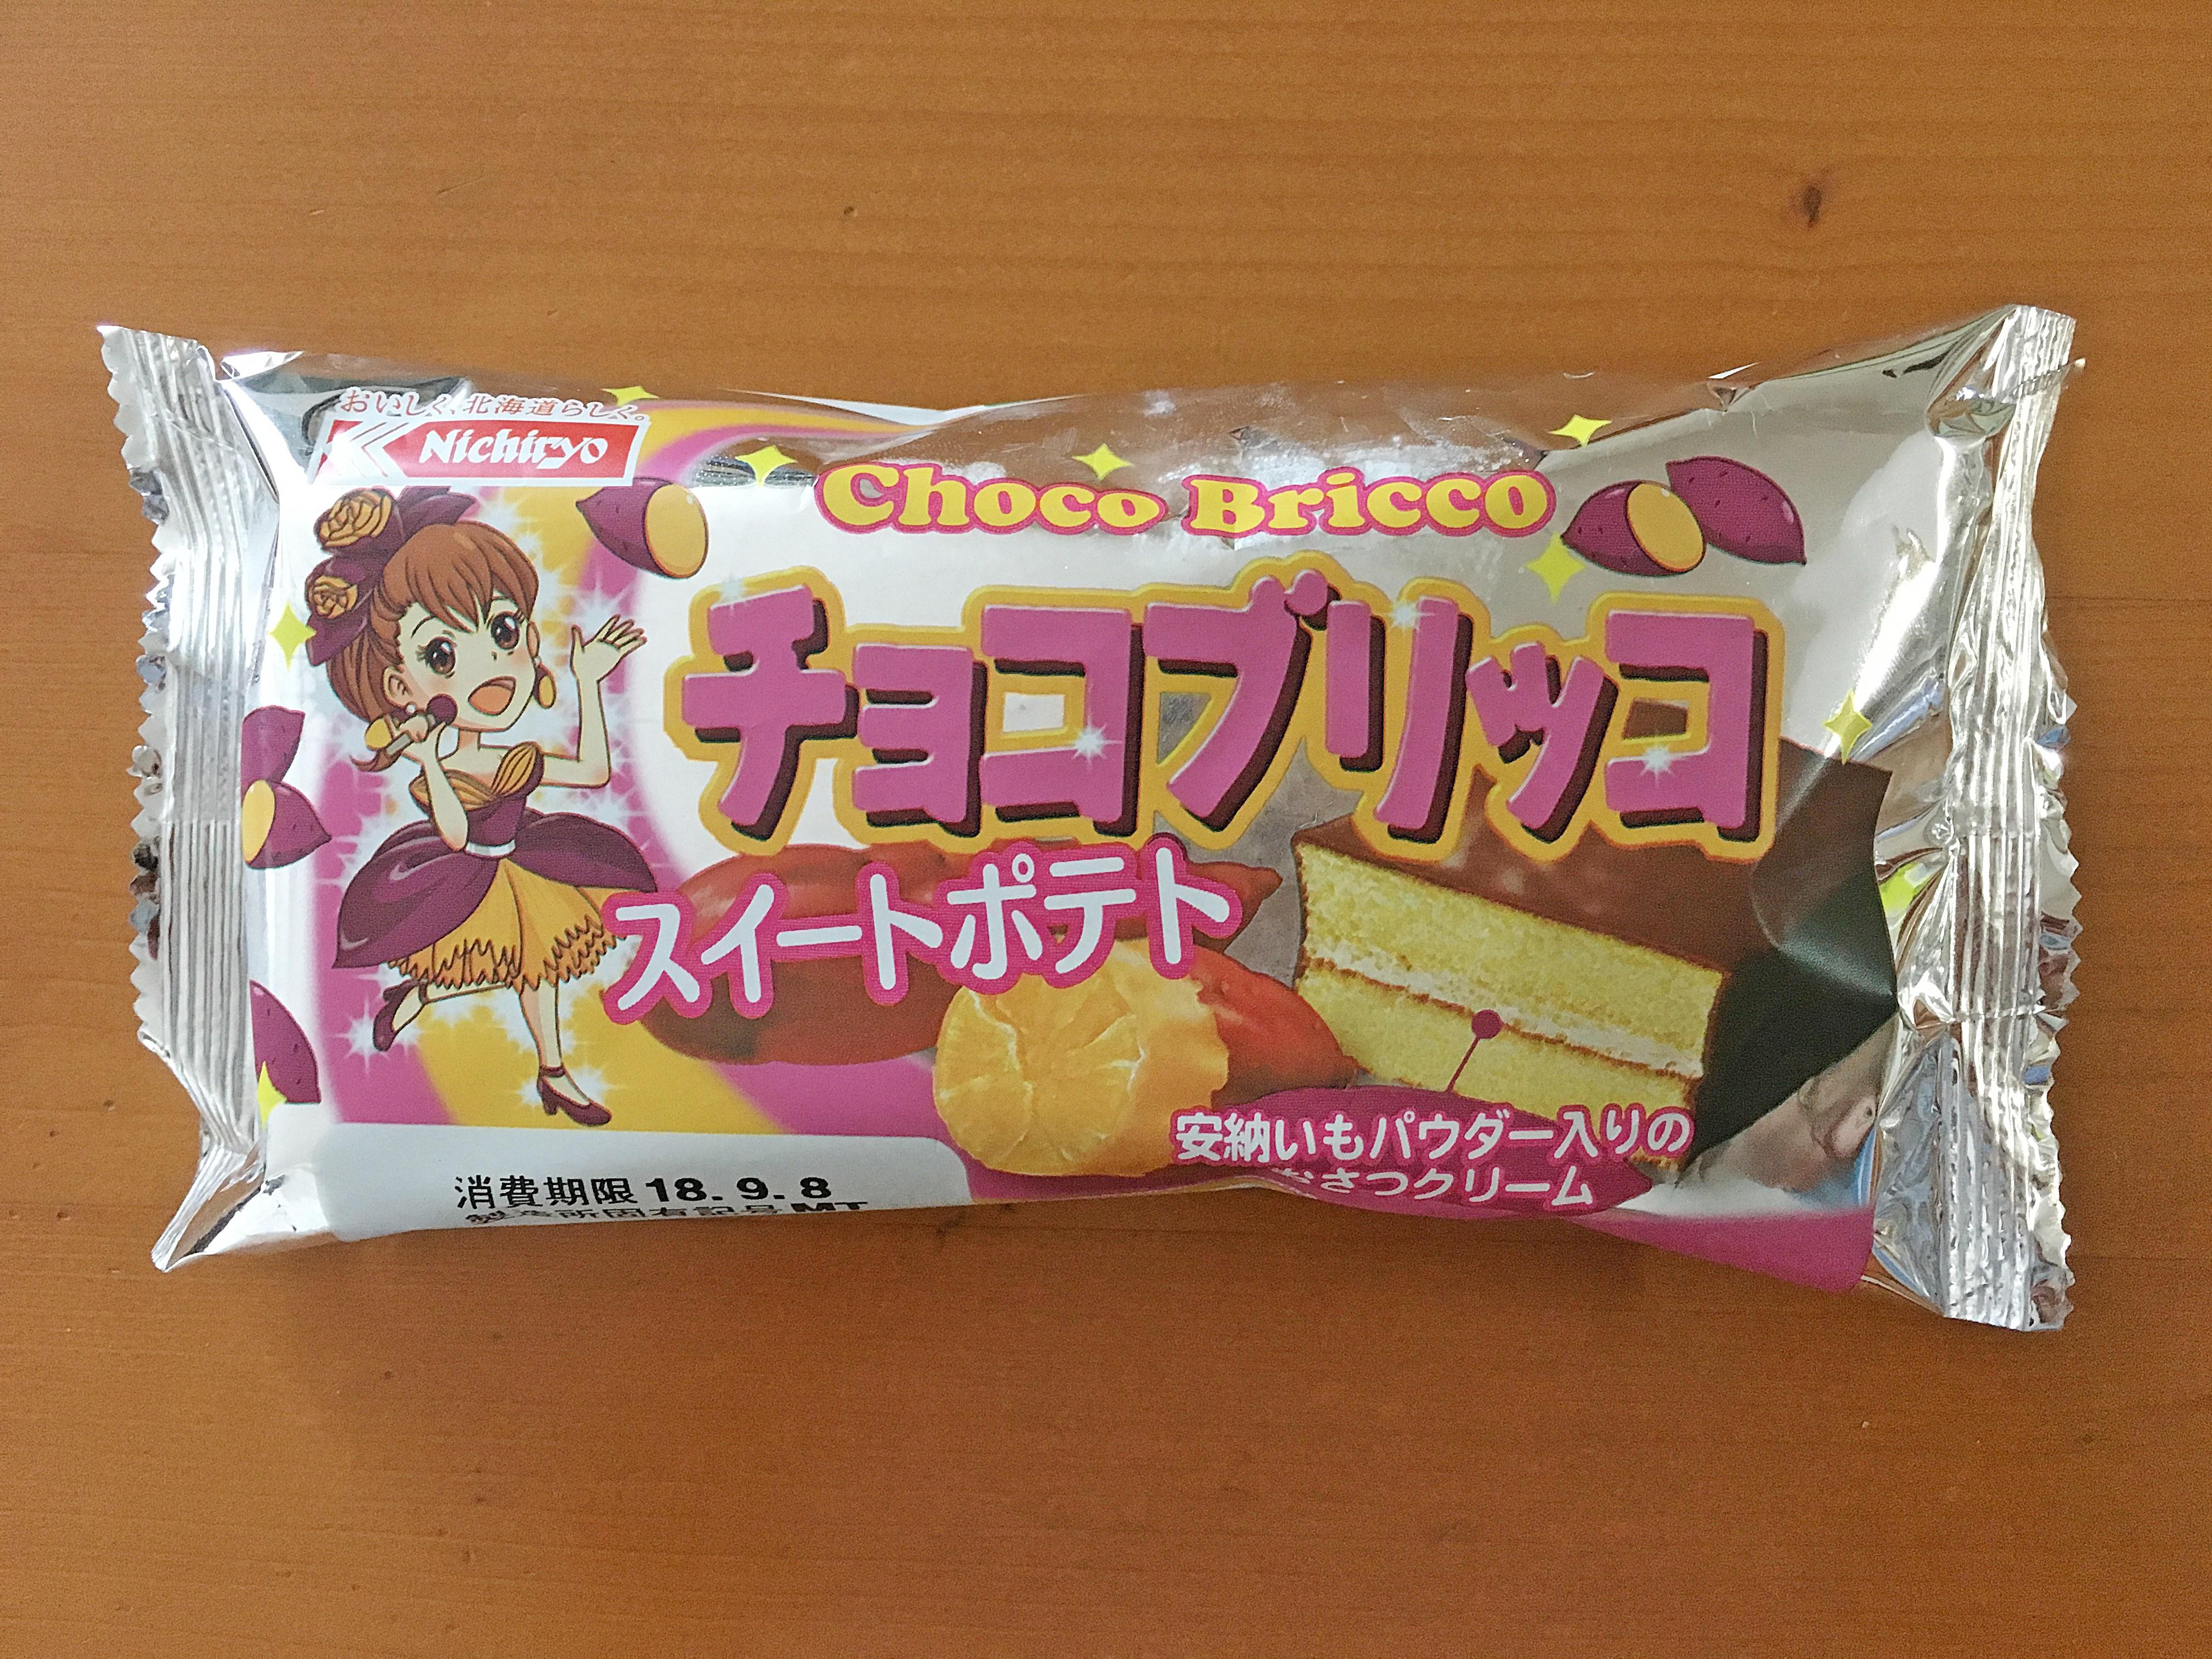 チョコブリッコ スイートポテト パッケージ.JPG